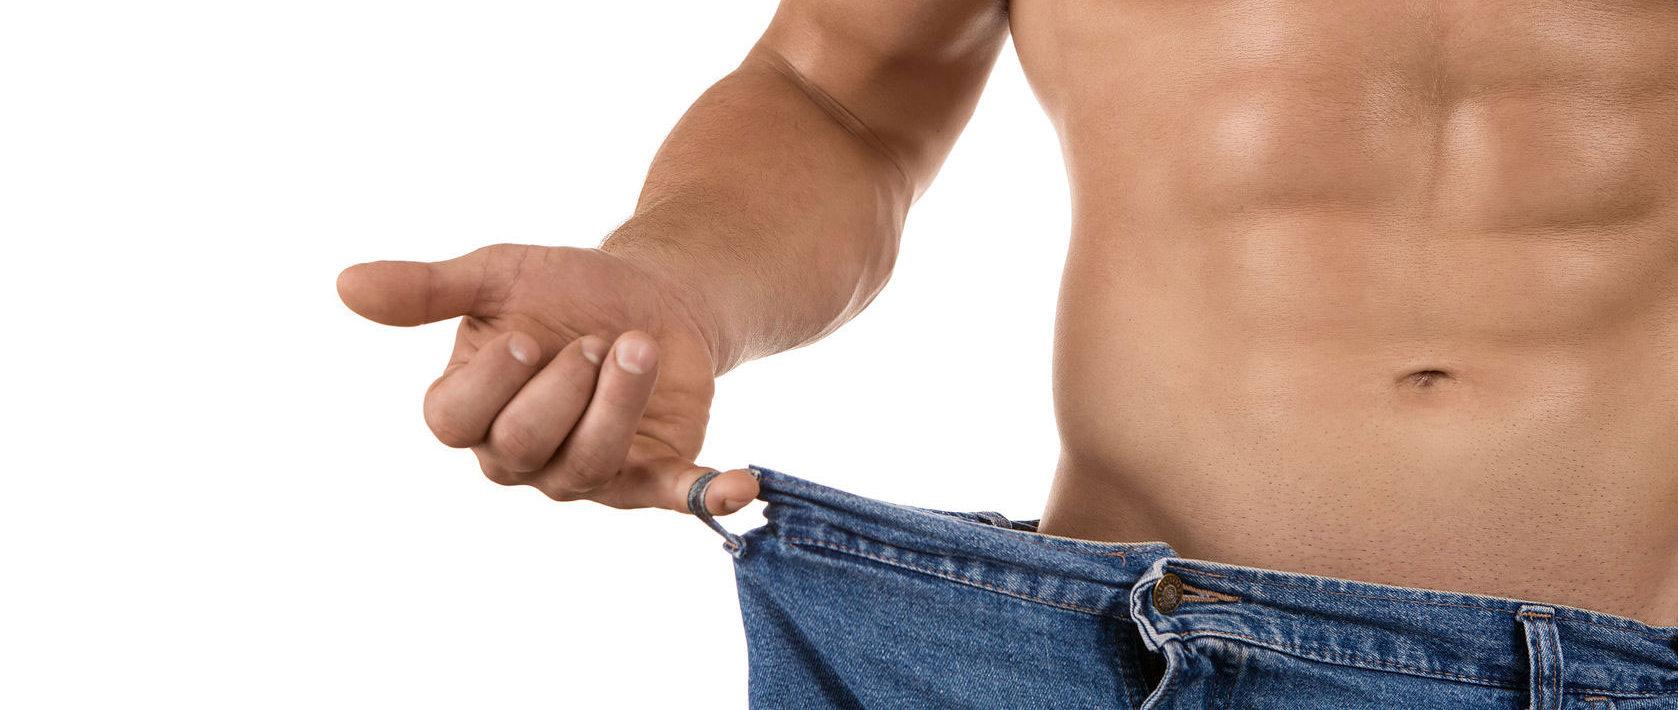 Методика Похудения Мужчин. Что нужно мужчине, чтобы похудеть и оставаться сильным